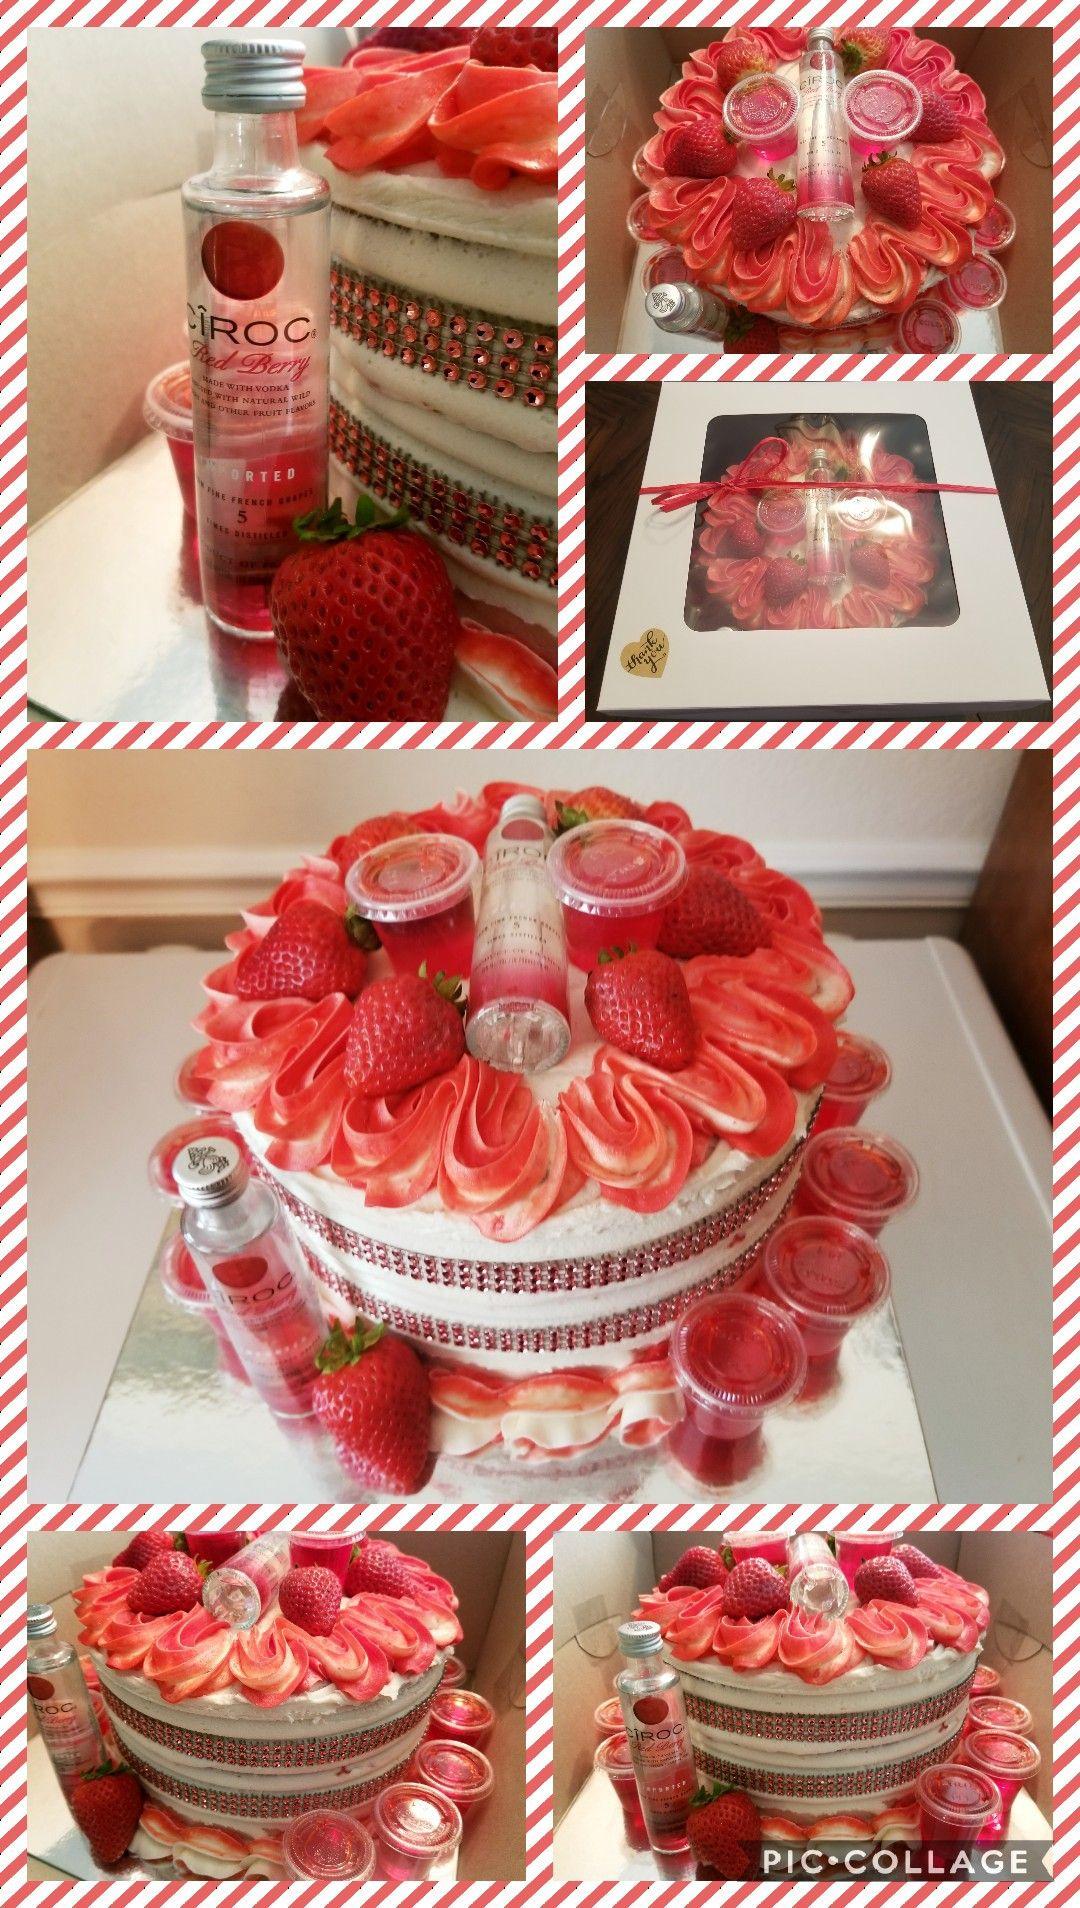 Ciroc Red Berry Birthday Cake With Strawberries Ciroc Mini S